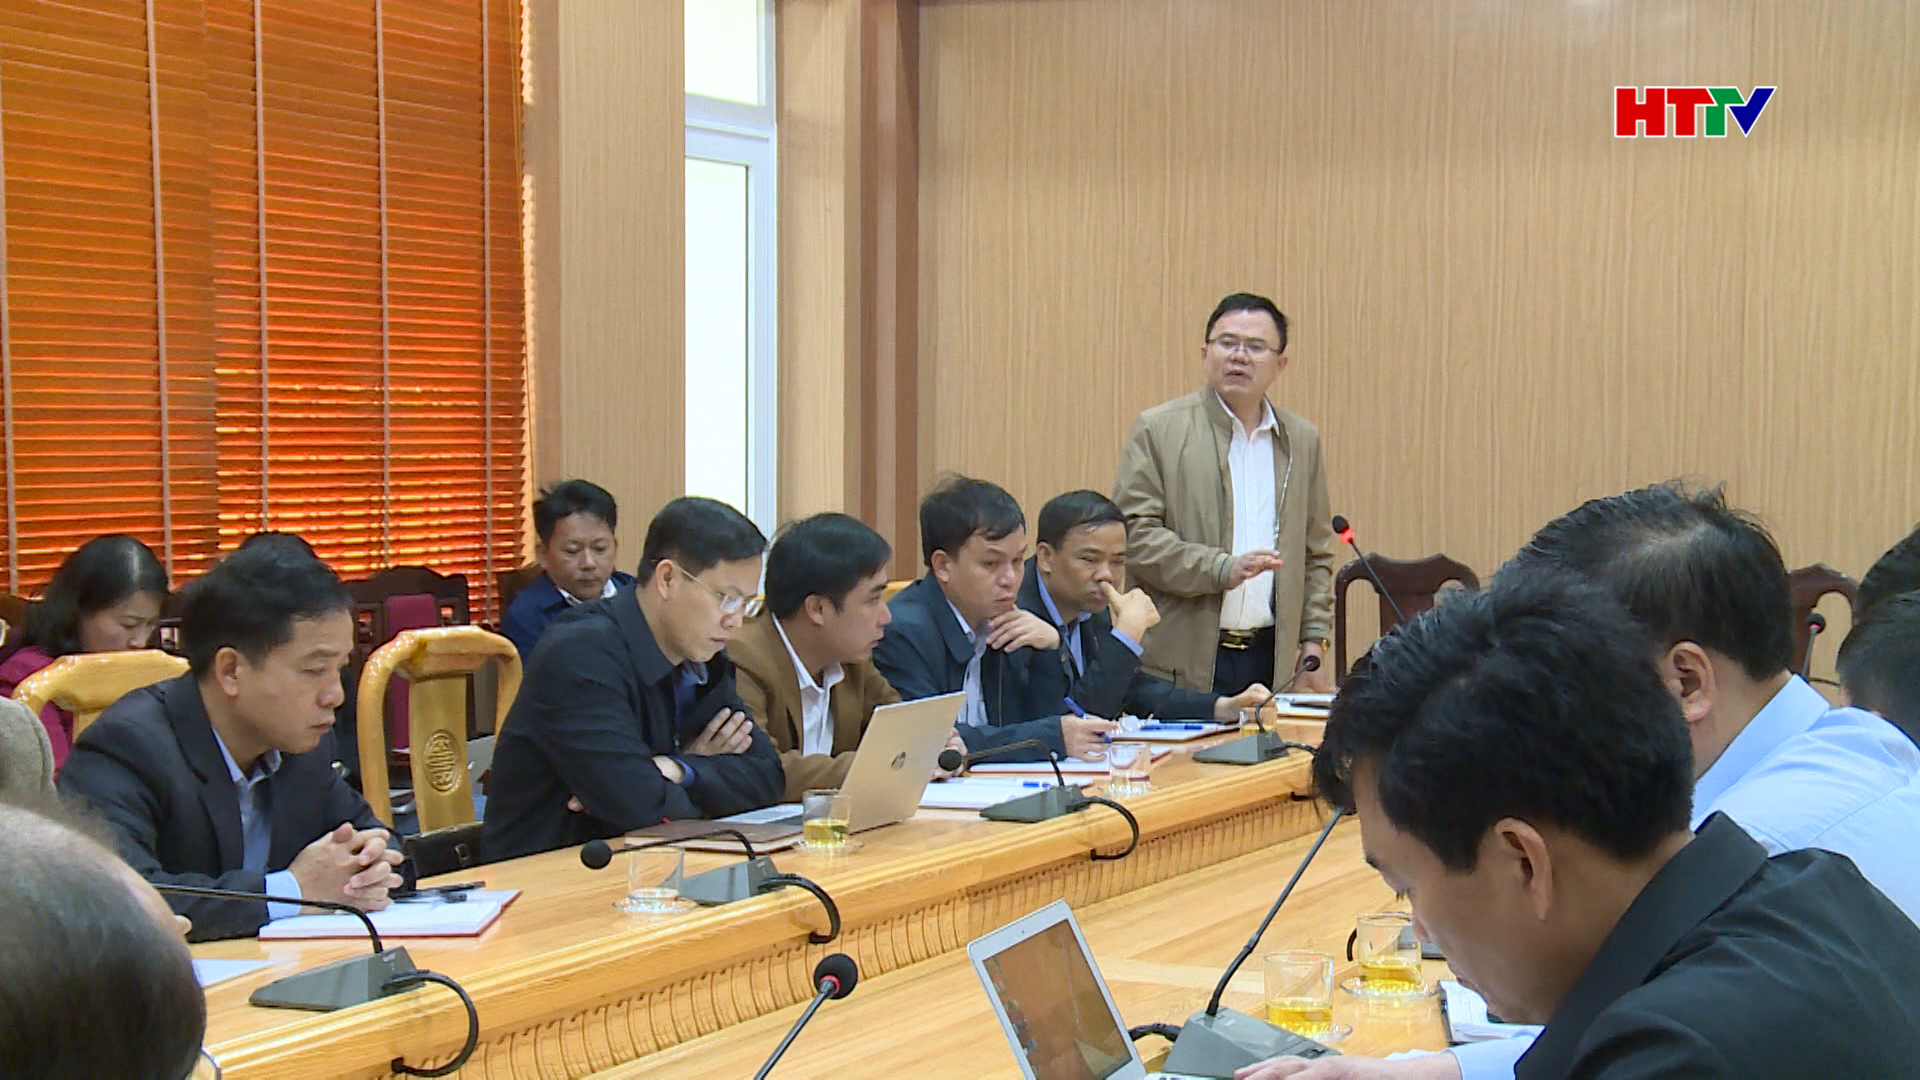 Thành phố Hà Tĩnh: Giải quyết dứt điểm, đúng quy định các vụ việc tồn đọng